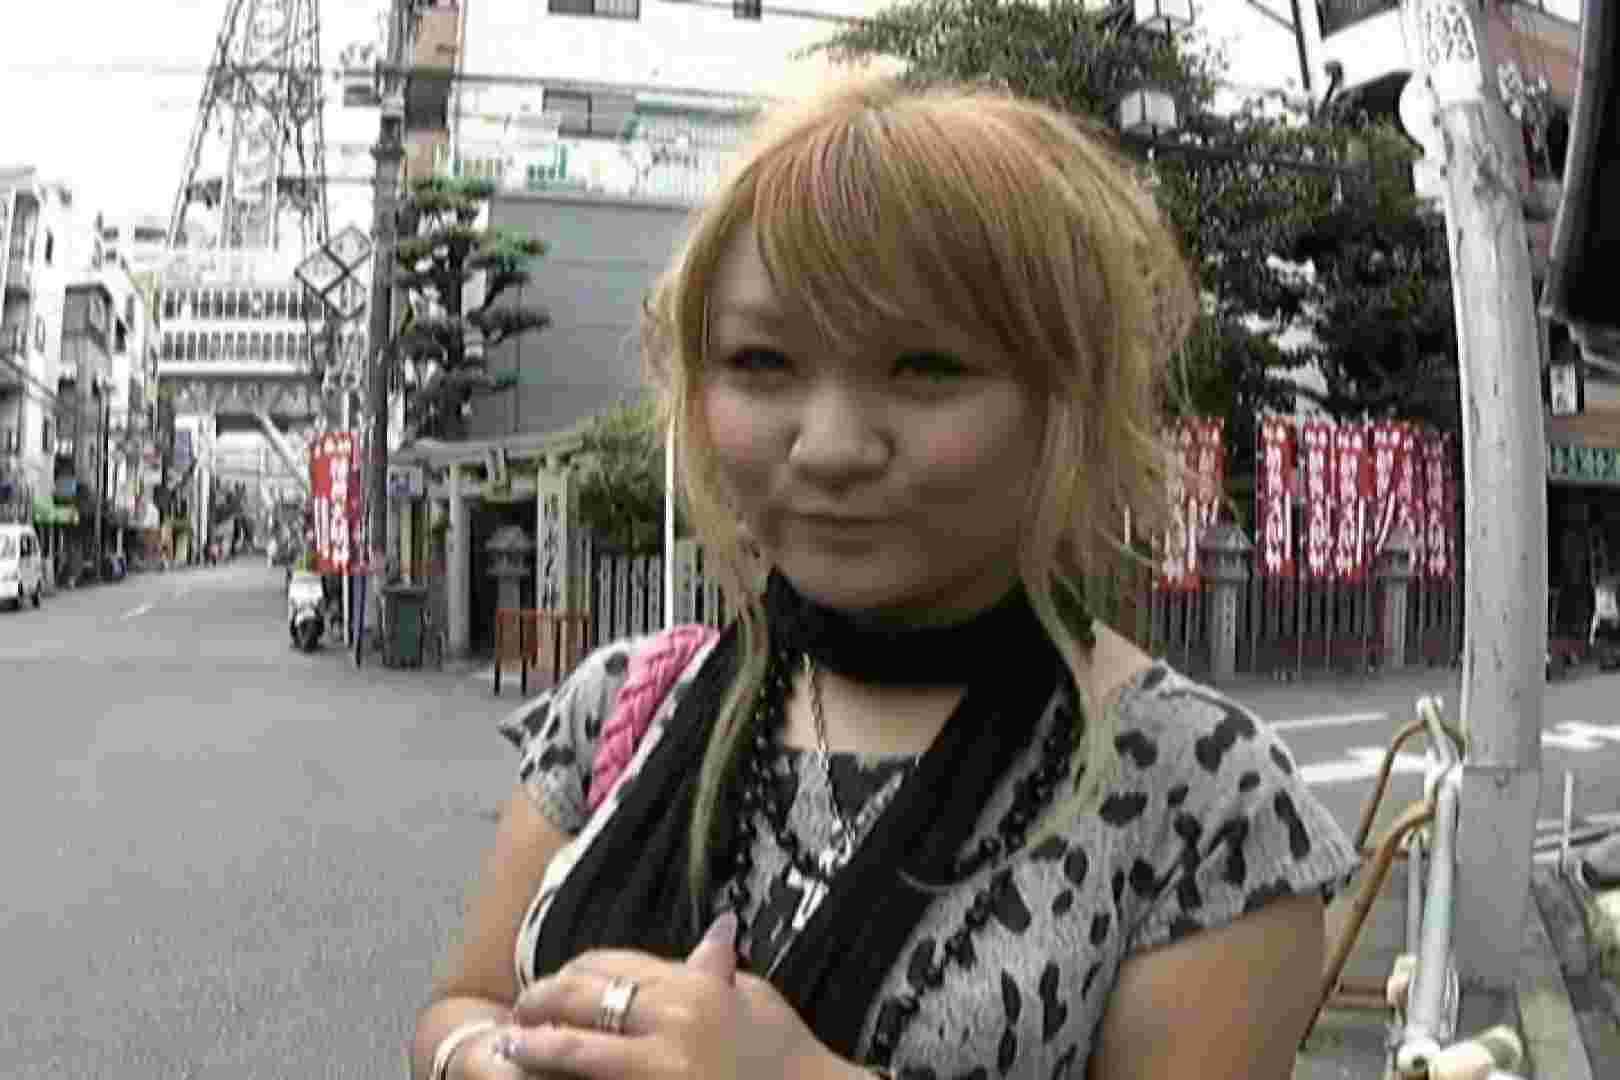 素人ナンパ本番撮り!出会い系でGET!Vol.01 出会い系 | 独身エッチOL  87pic 39